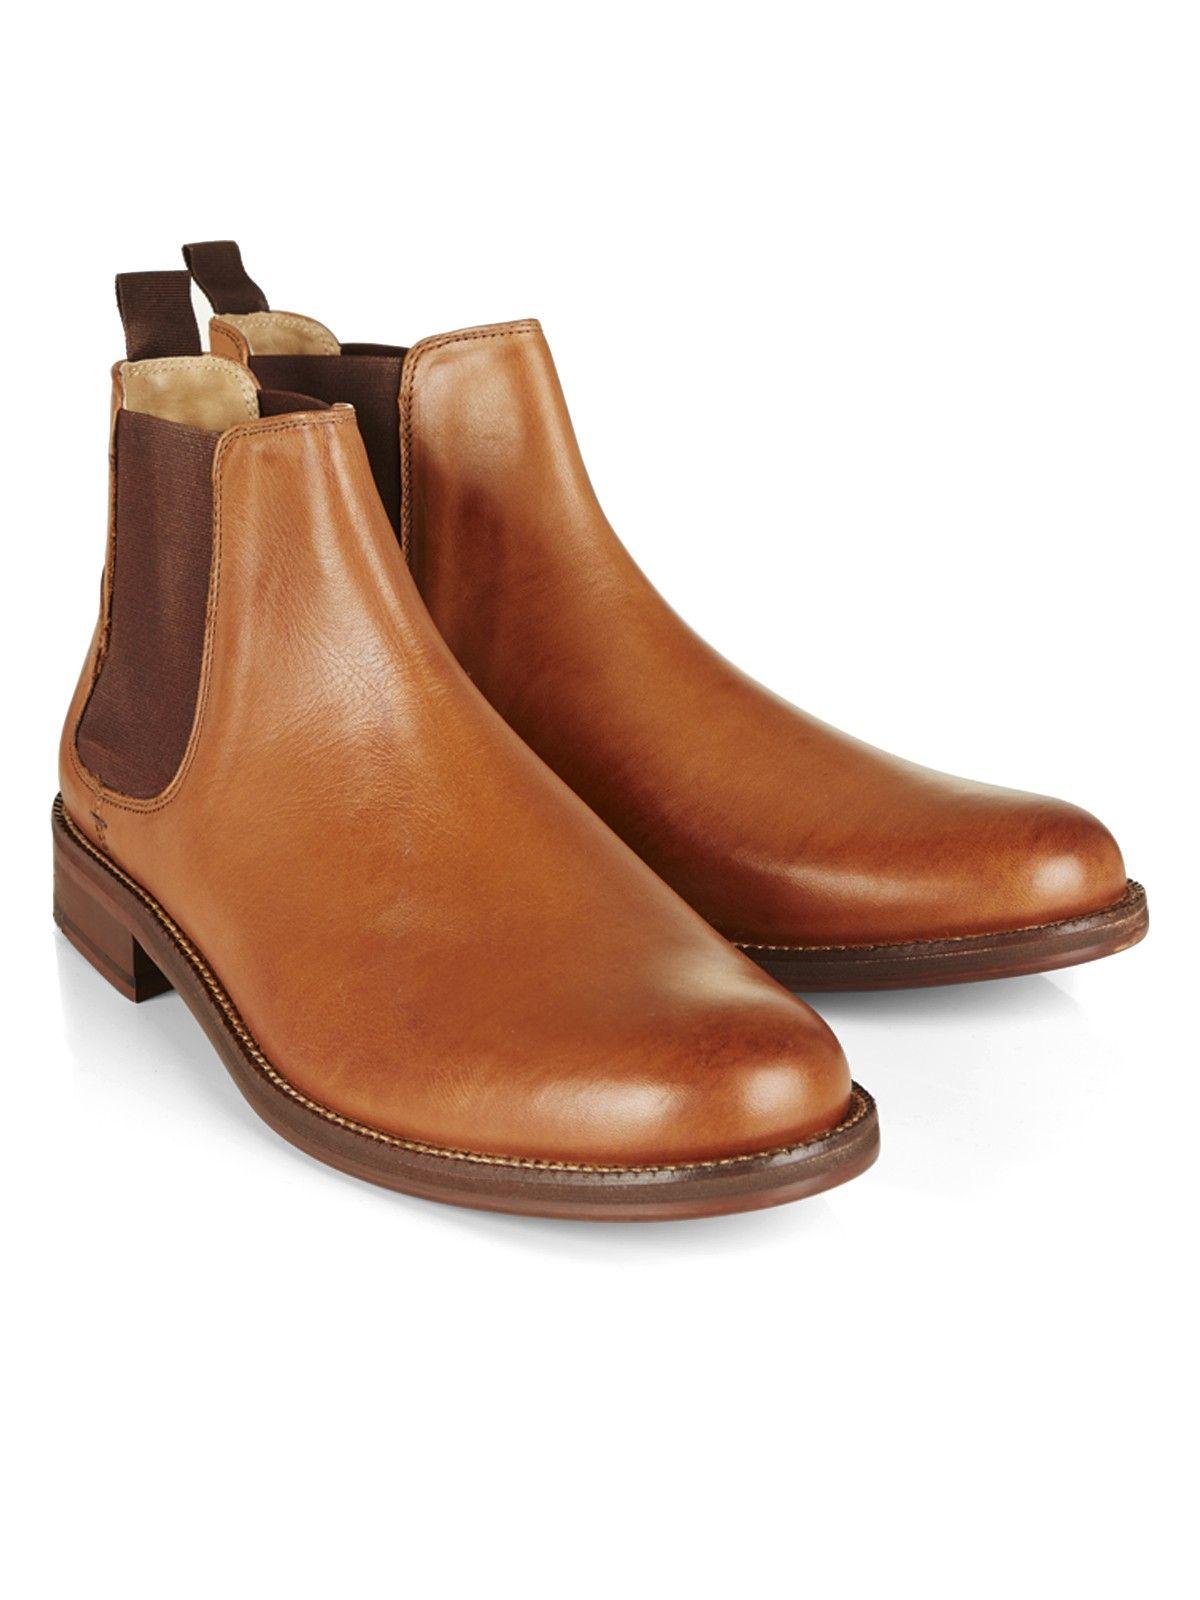 BEN SHERMAN Boots en cuir à brides Waxing Jeu Meilleur Magasin Pour Obtenir HpHHmAjPYG